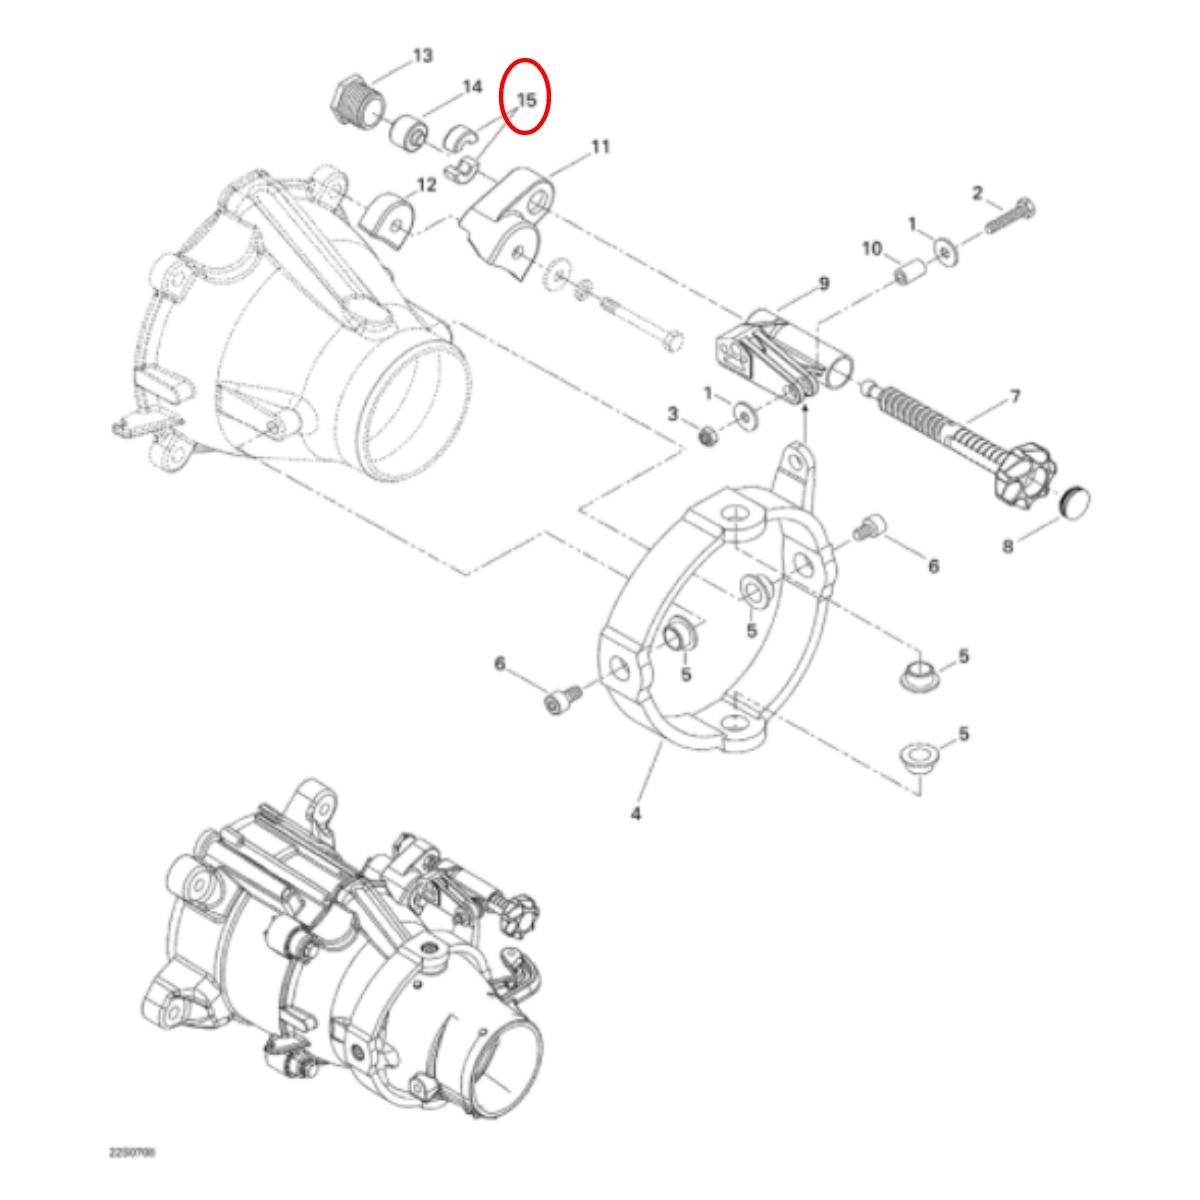 Bucha do Trim Jet Ski Sea Doo HX/SPI/3D  - Radical Peças - Peças para Jet Ski